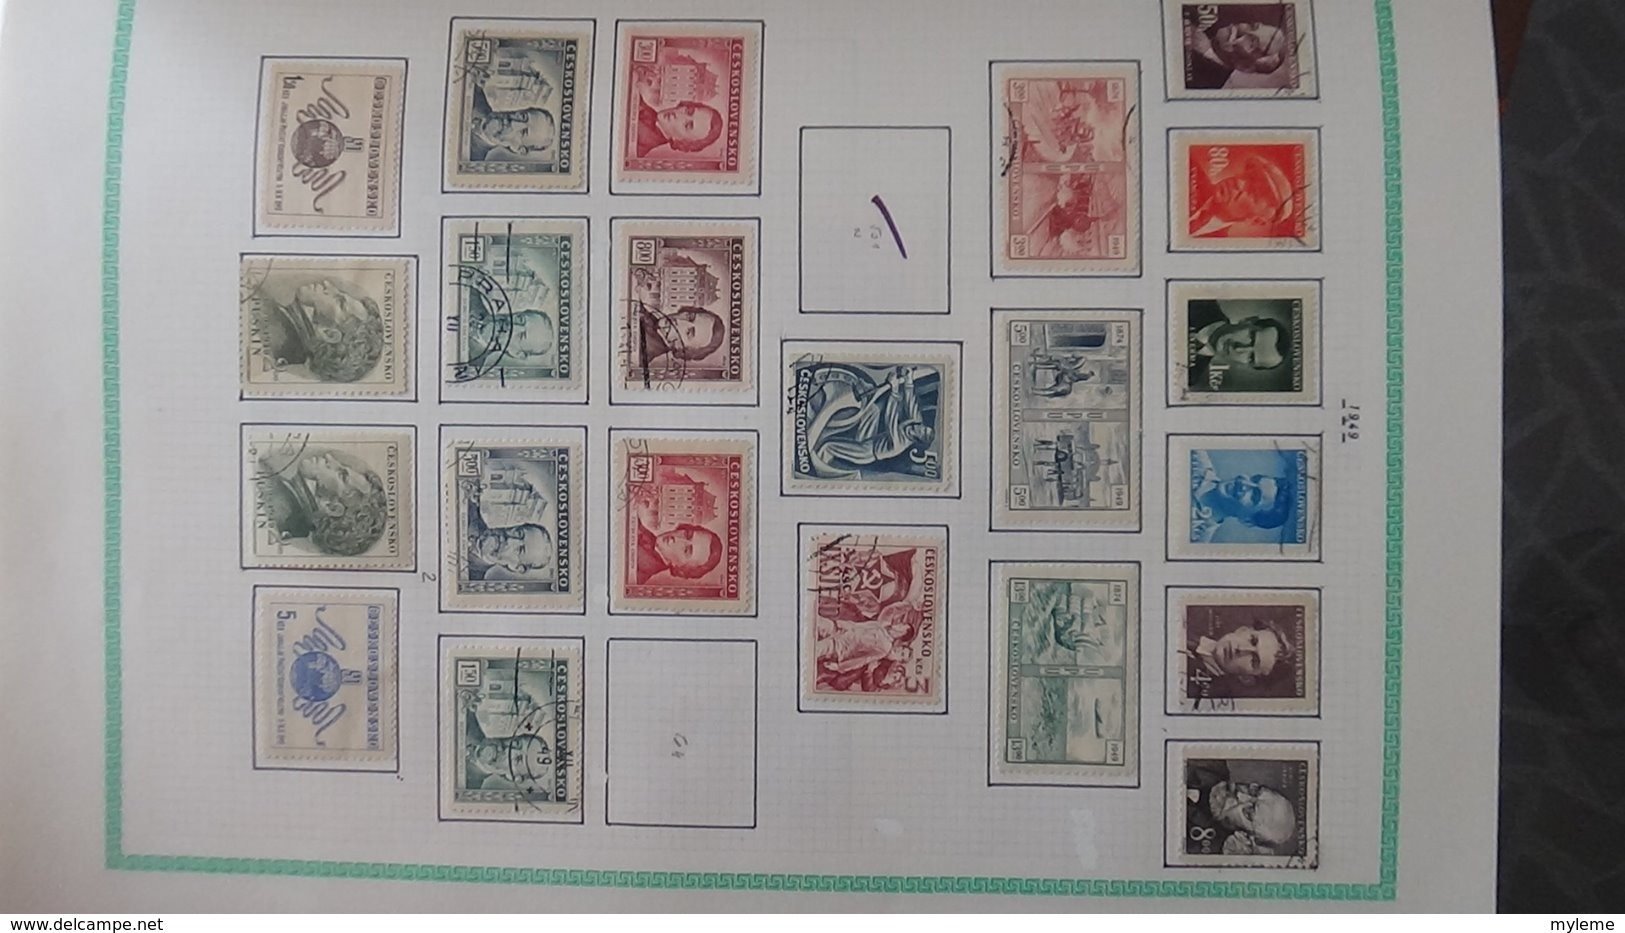 Grosse Collection De TCHECOSLOVAQUIE Bien Suivie Toutes Les Photos N'ont Pas été Prises - Stamps